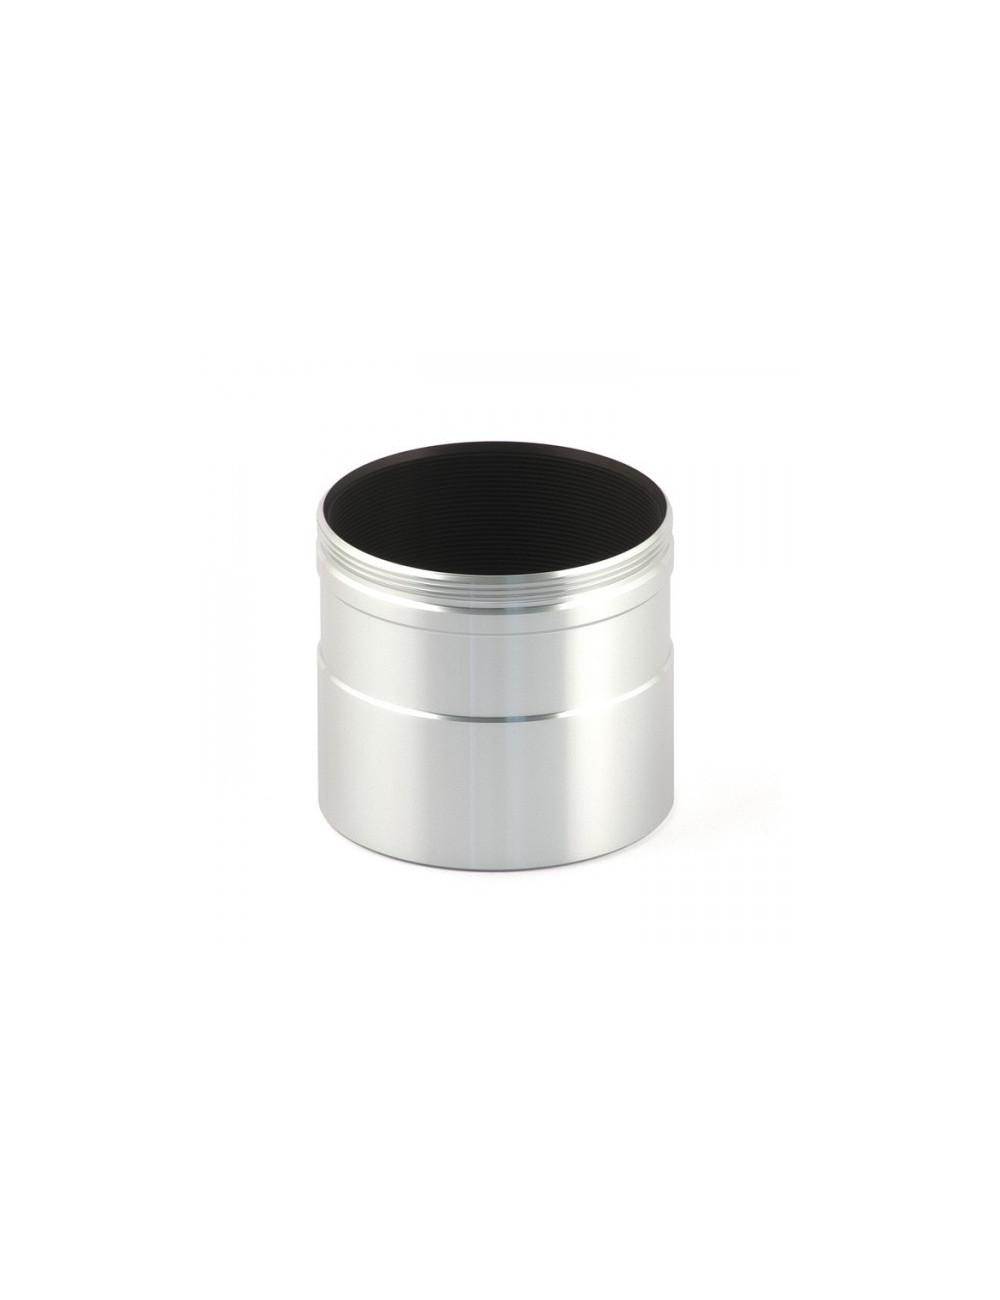 Adaptateur Ø 50,8mm vers pas de vis SCT